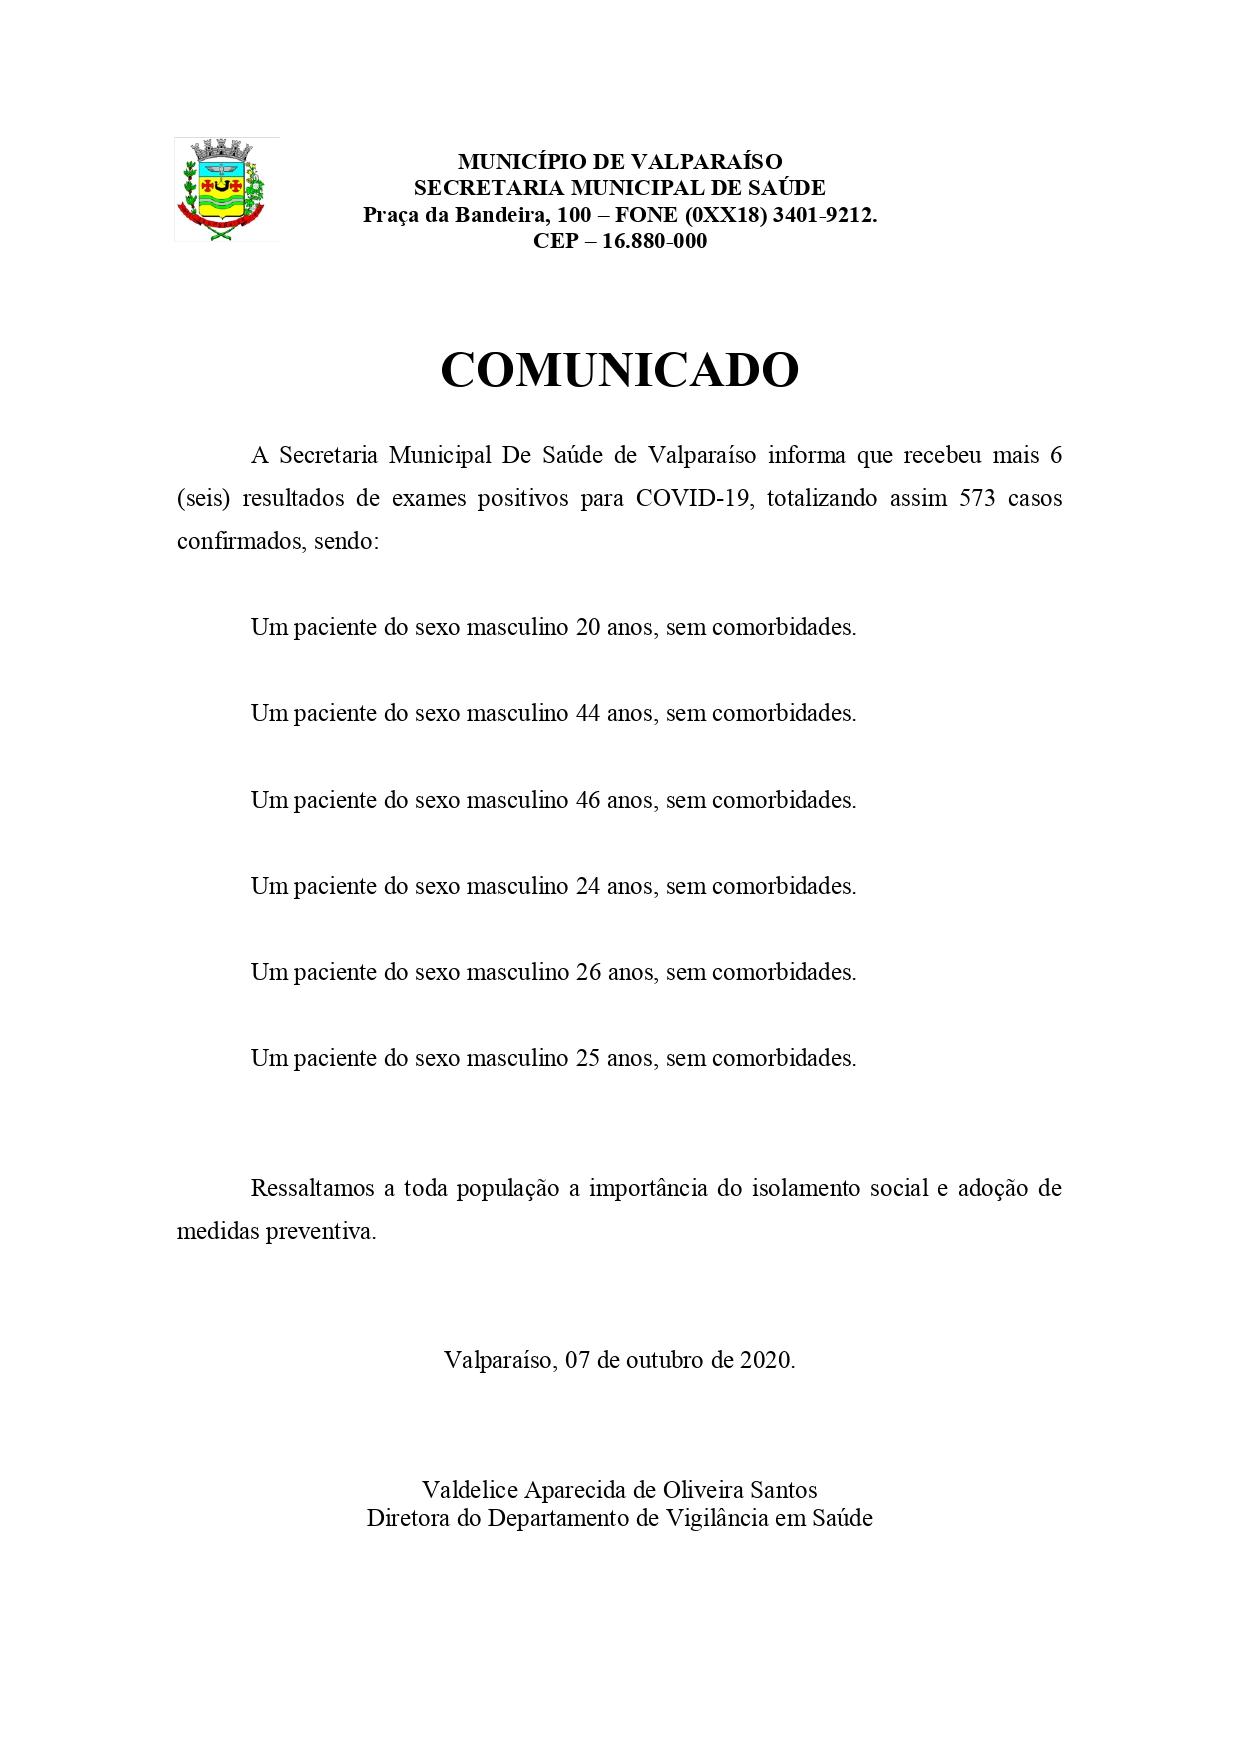 covid573